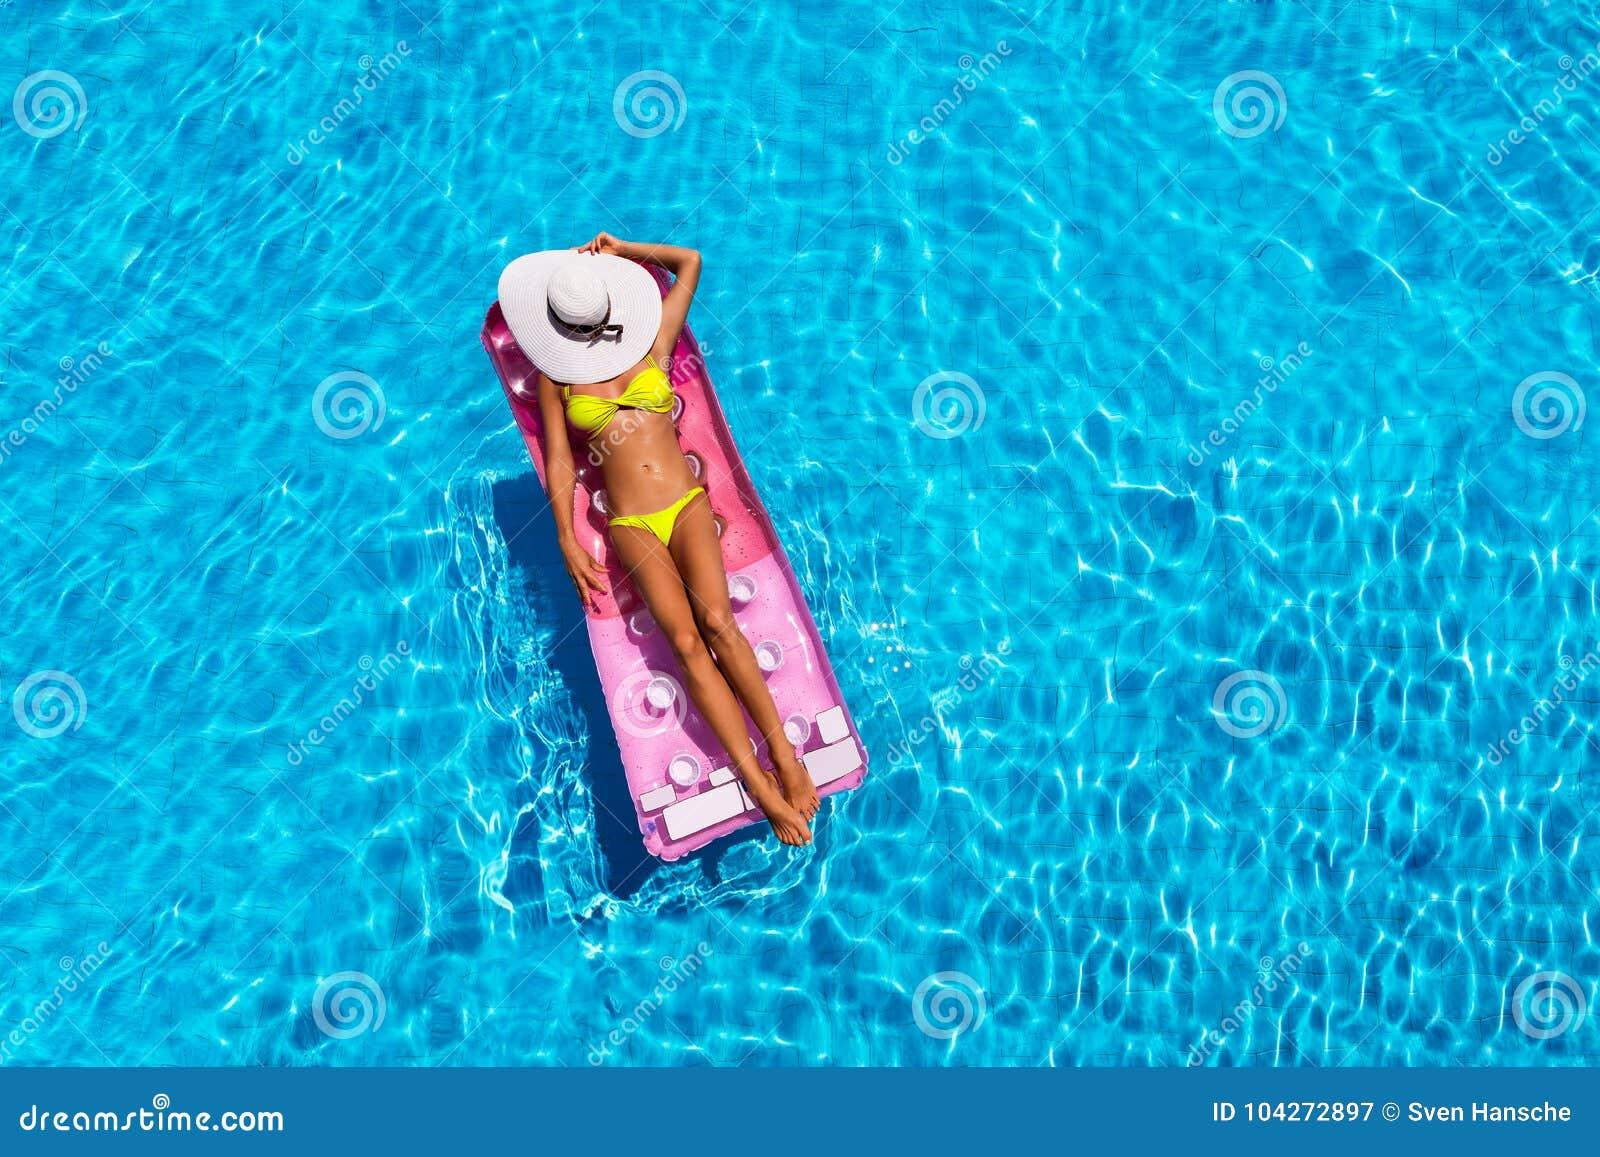 Attraktive Frau im Pool mit einer sich hin- und herbewegenden Matratze